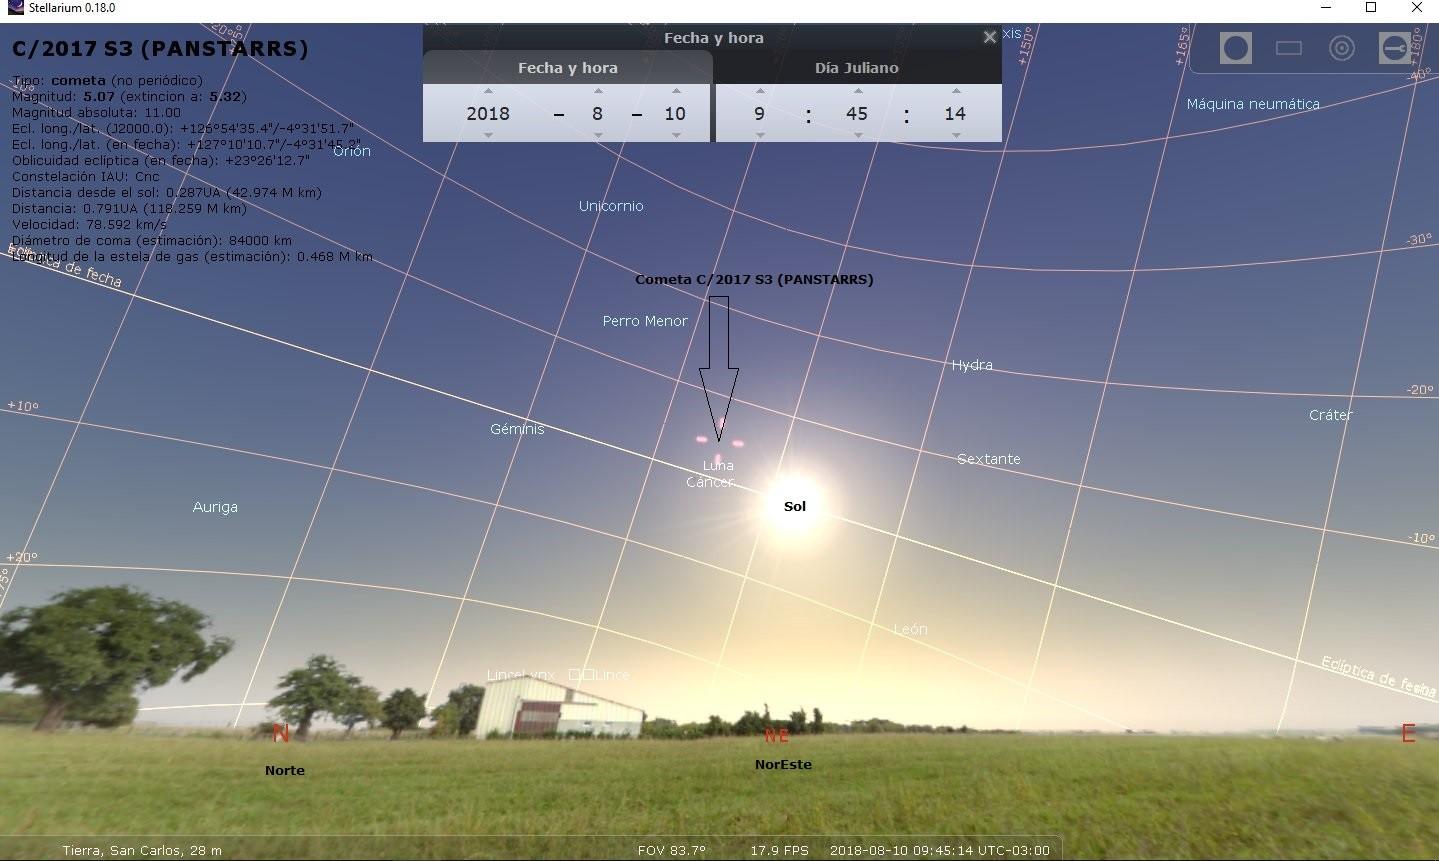 Monitoreo de la Actividad Solar 2018 - Página 5 Vista_10